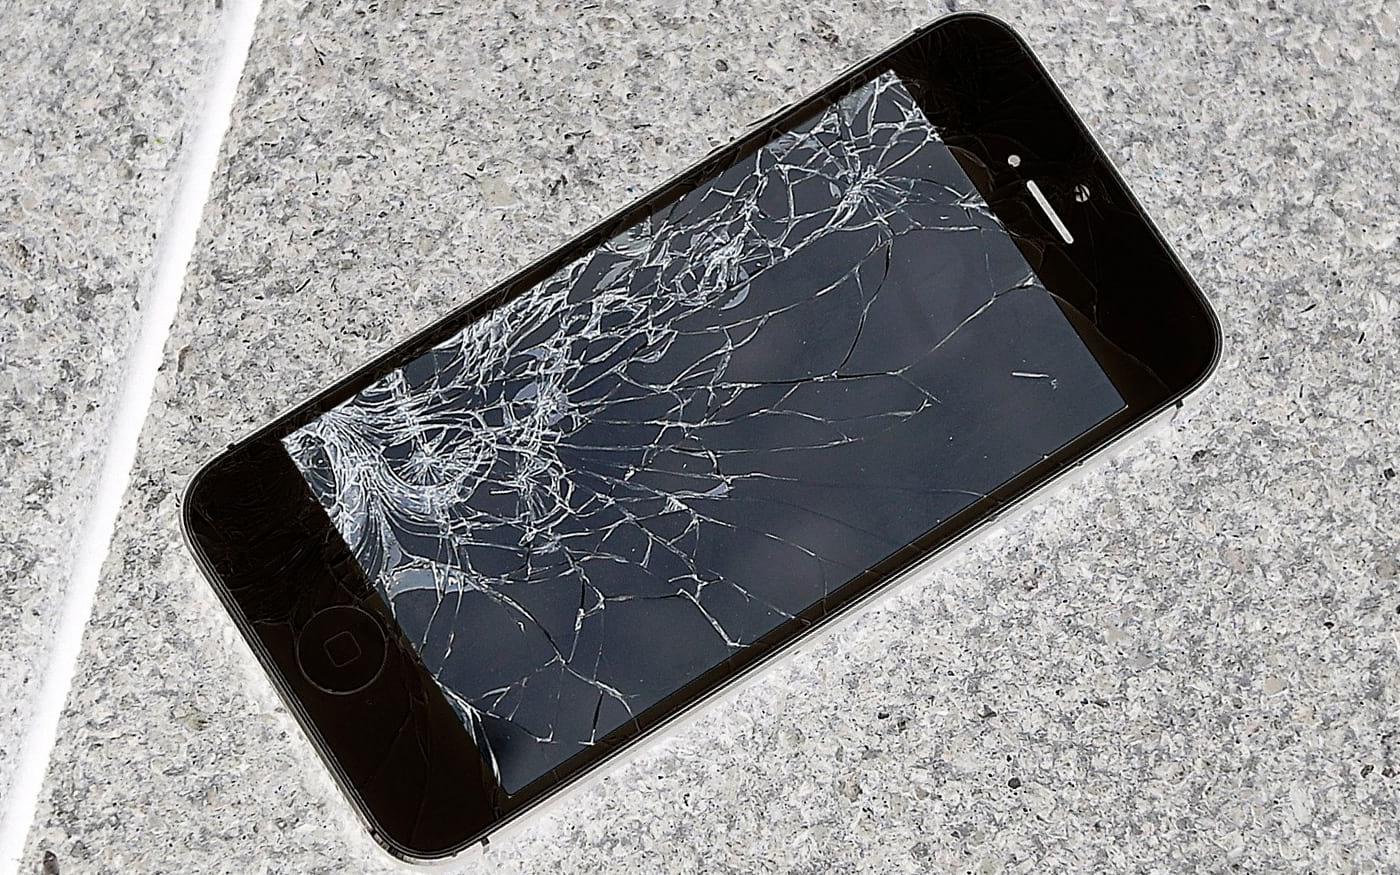 Novos iPhone 11 exibem aviso se a tela do smartphone não for original após reparo